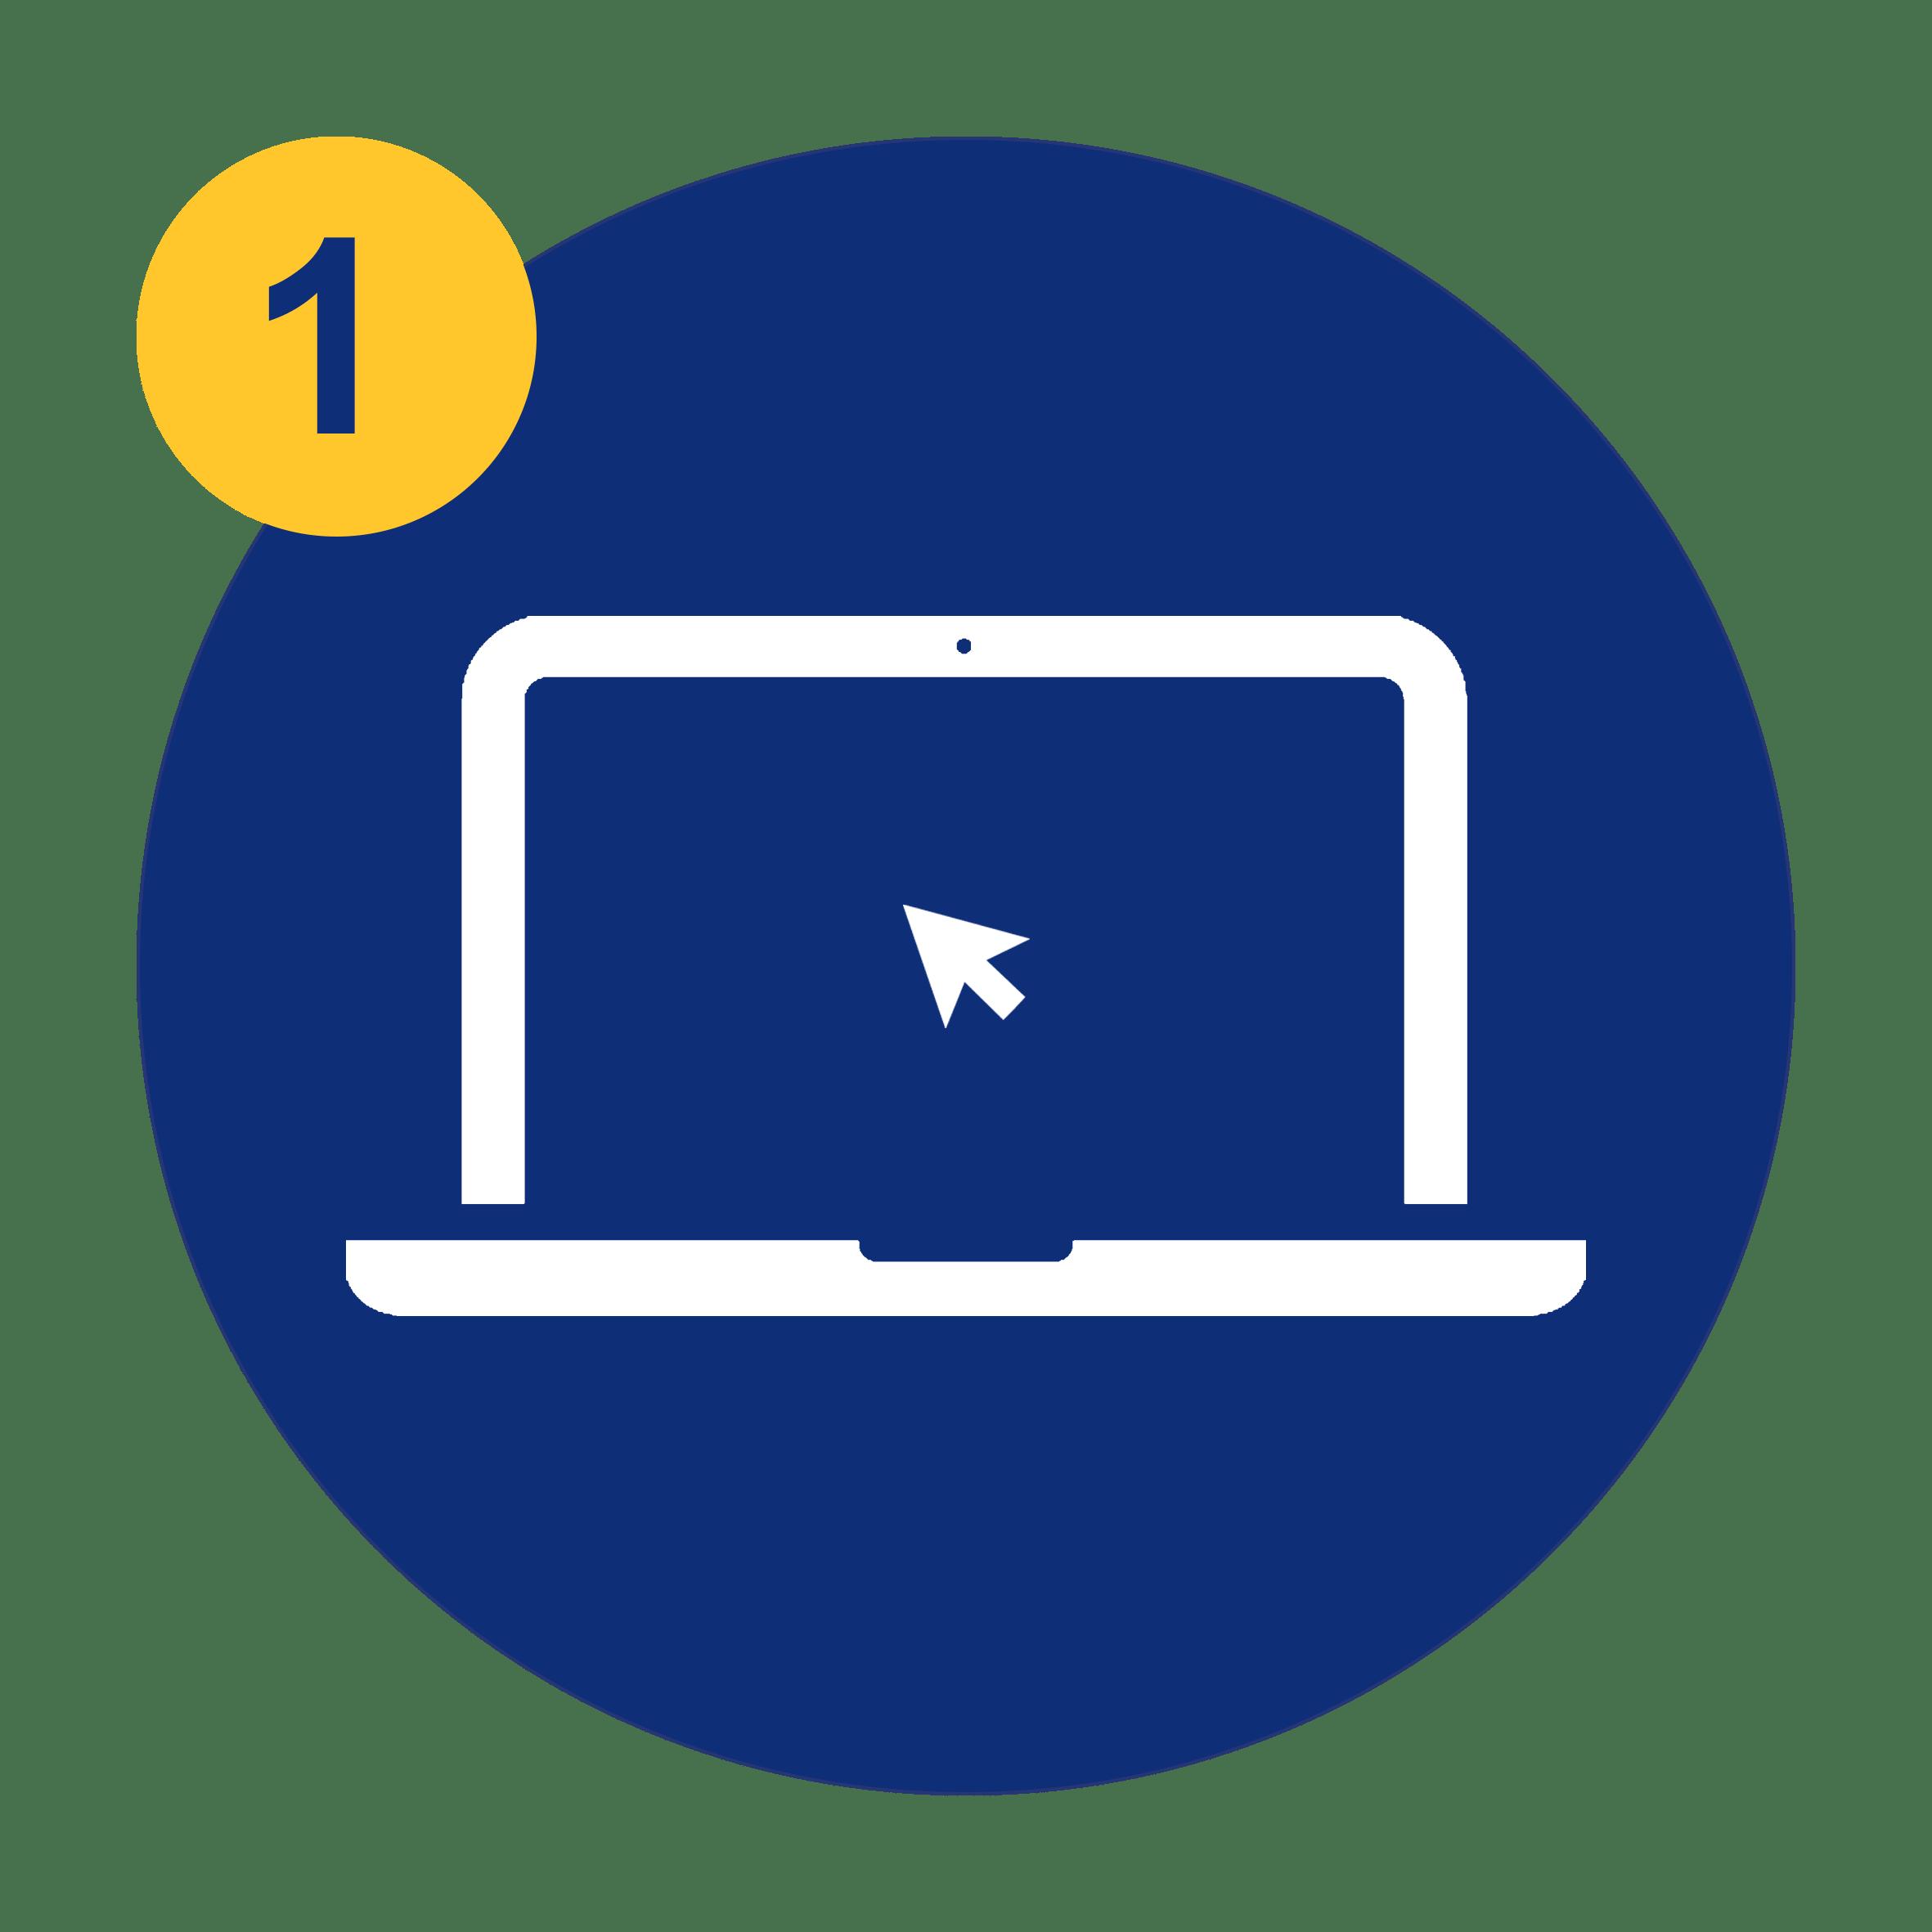 Amazon Voucher Rewards Step 1